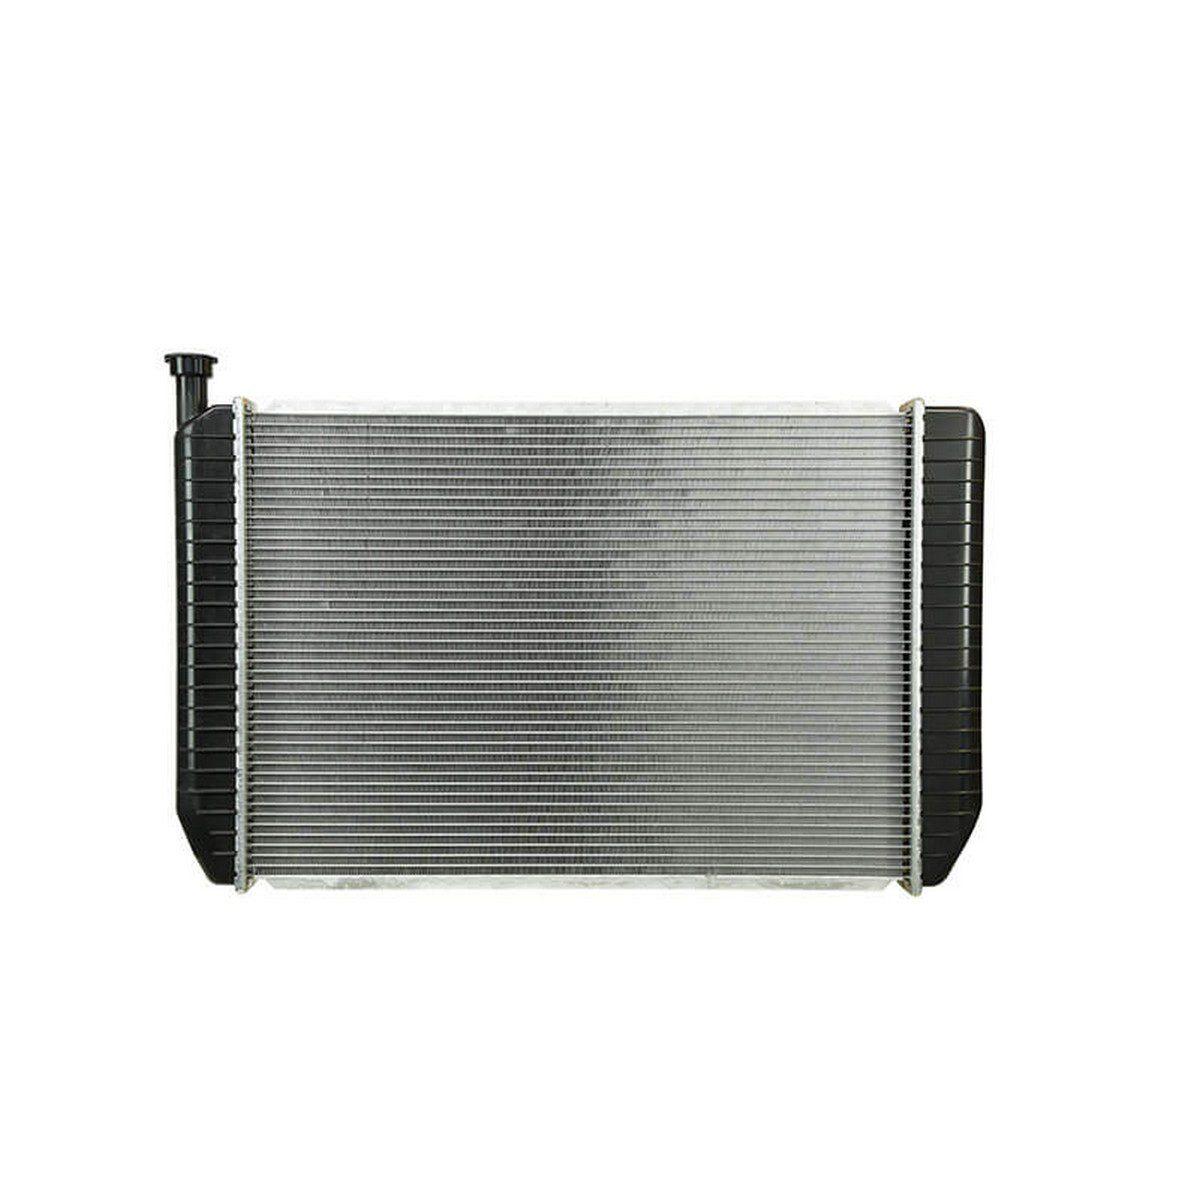 gmc p30p3500 98 08 radiator oem 52473153 3